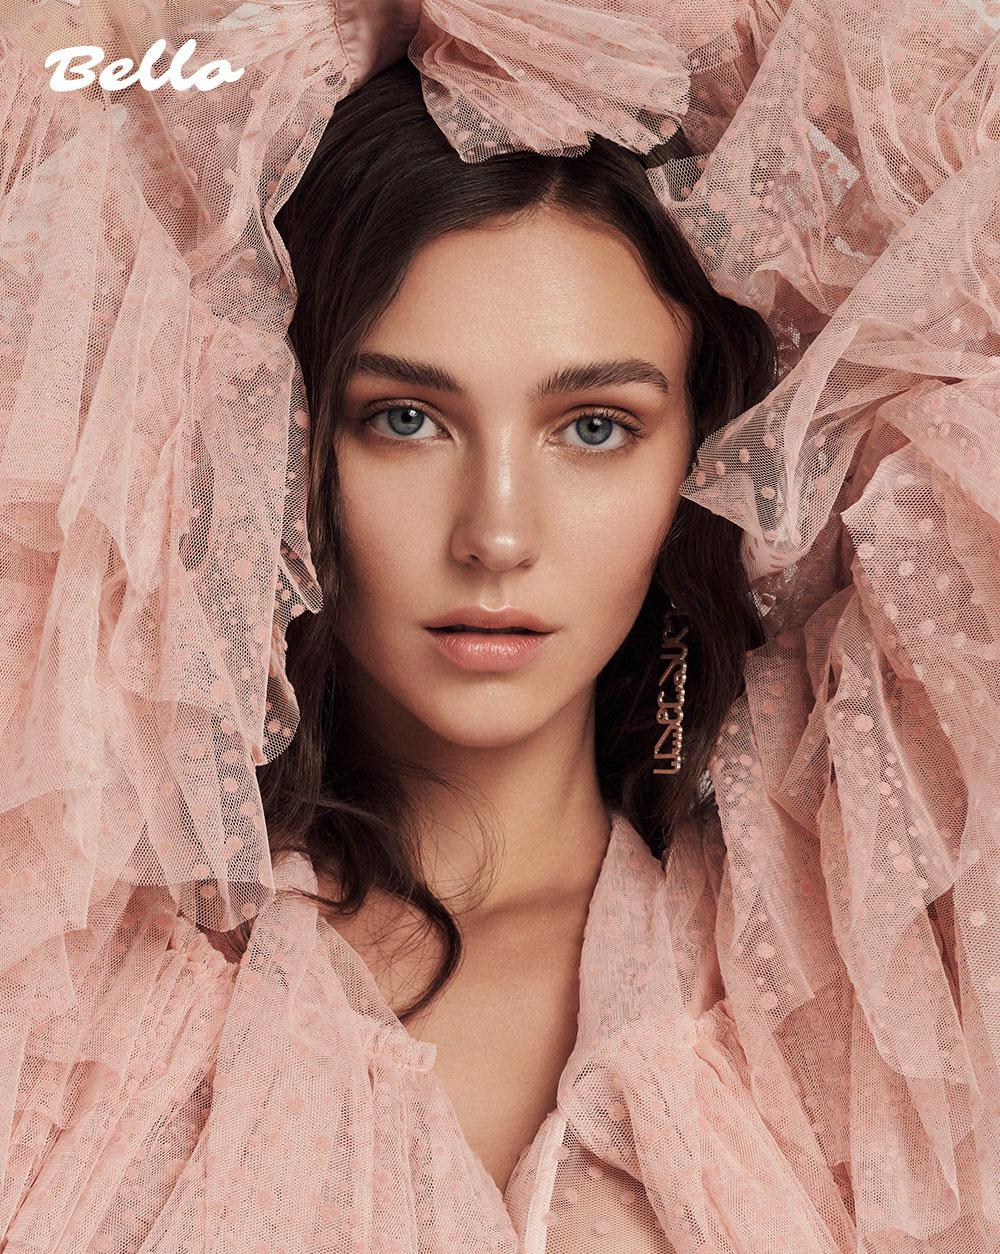 美国摄影师Alena Saz 摄影作品 【bello】杂志人像 时尚图库 第3张